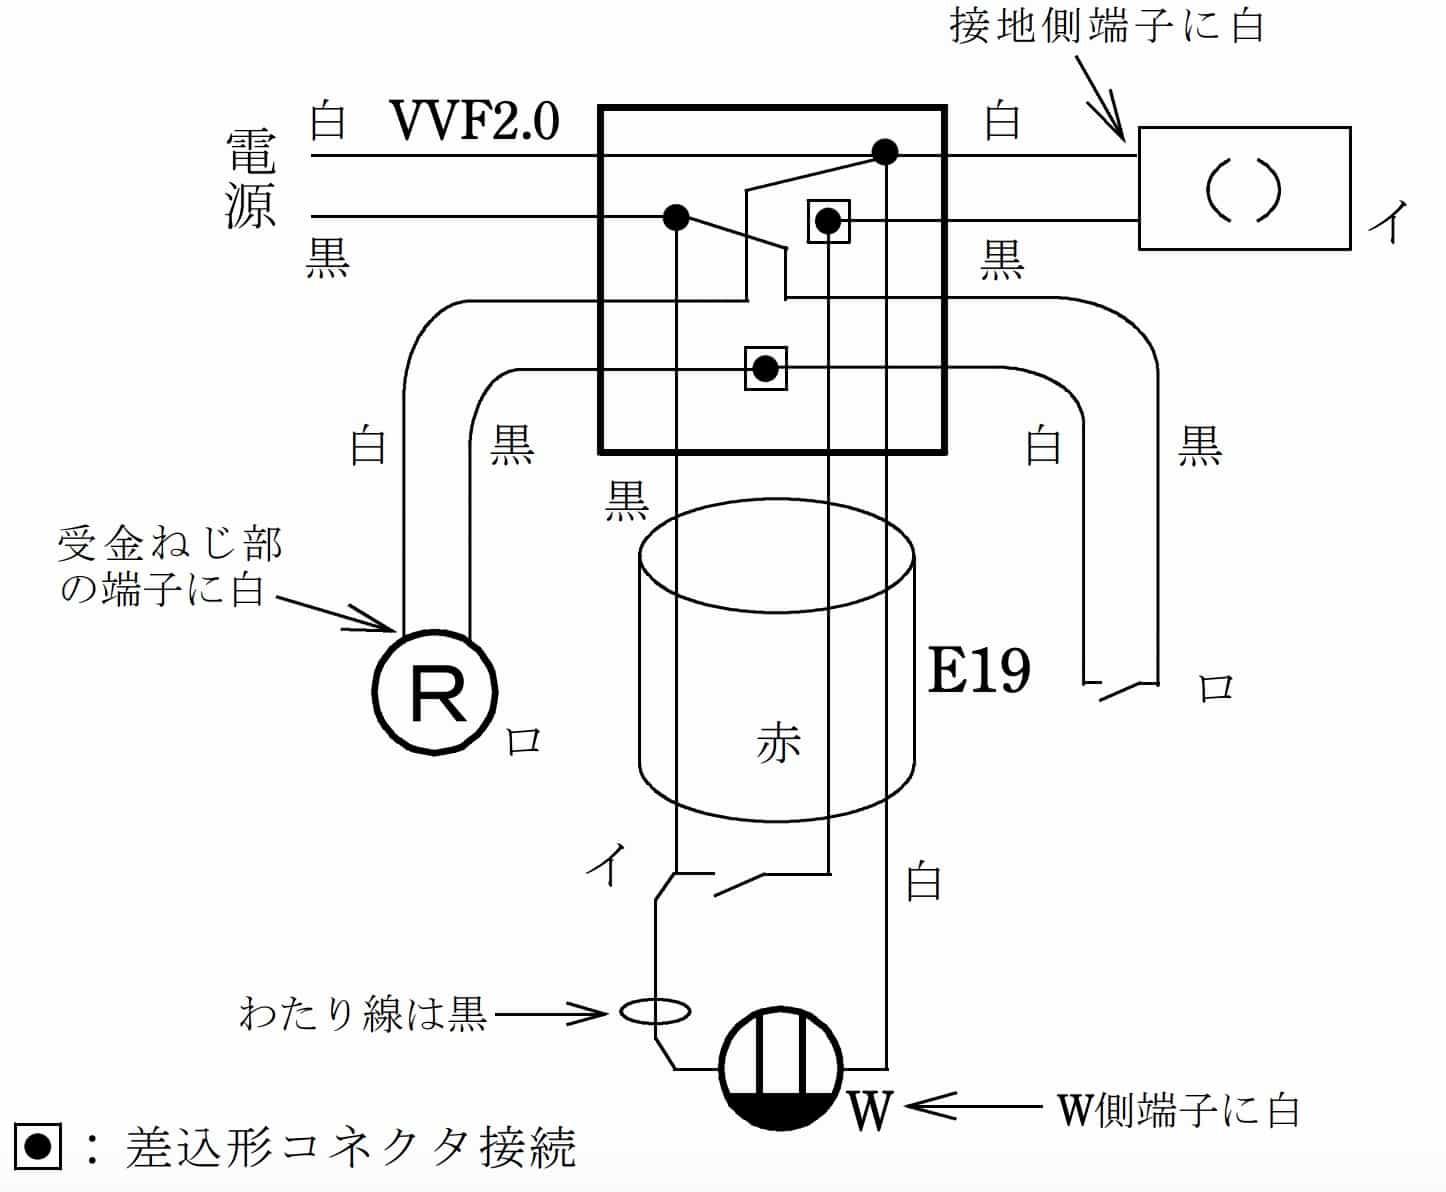 第二種電気工事士の技能試験の試験問題No.11の複線図